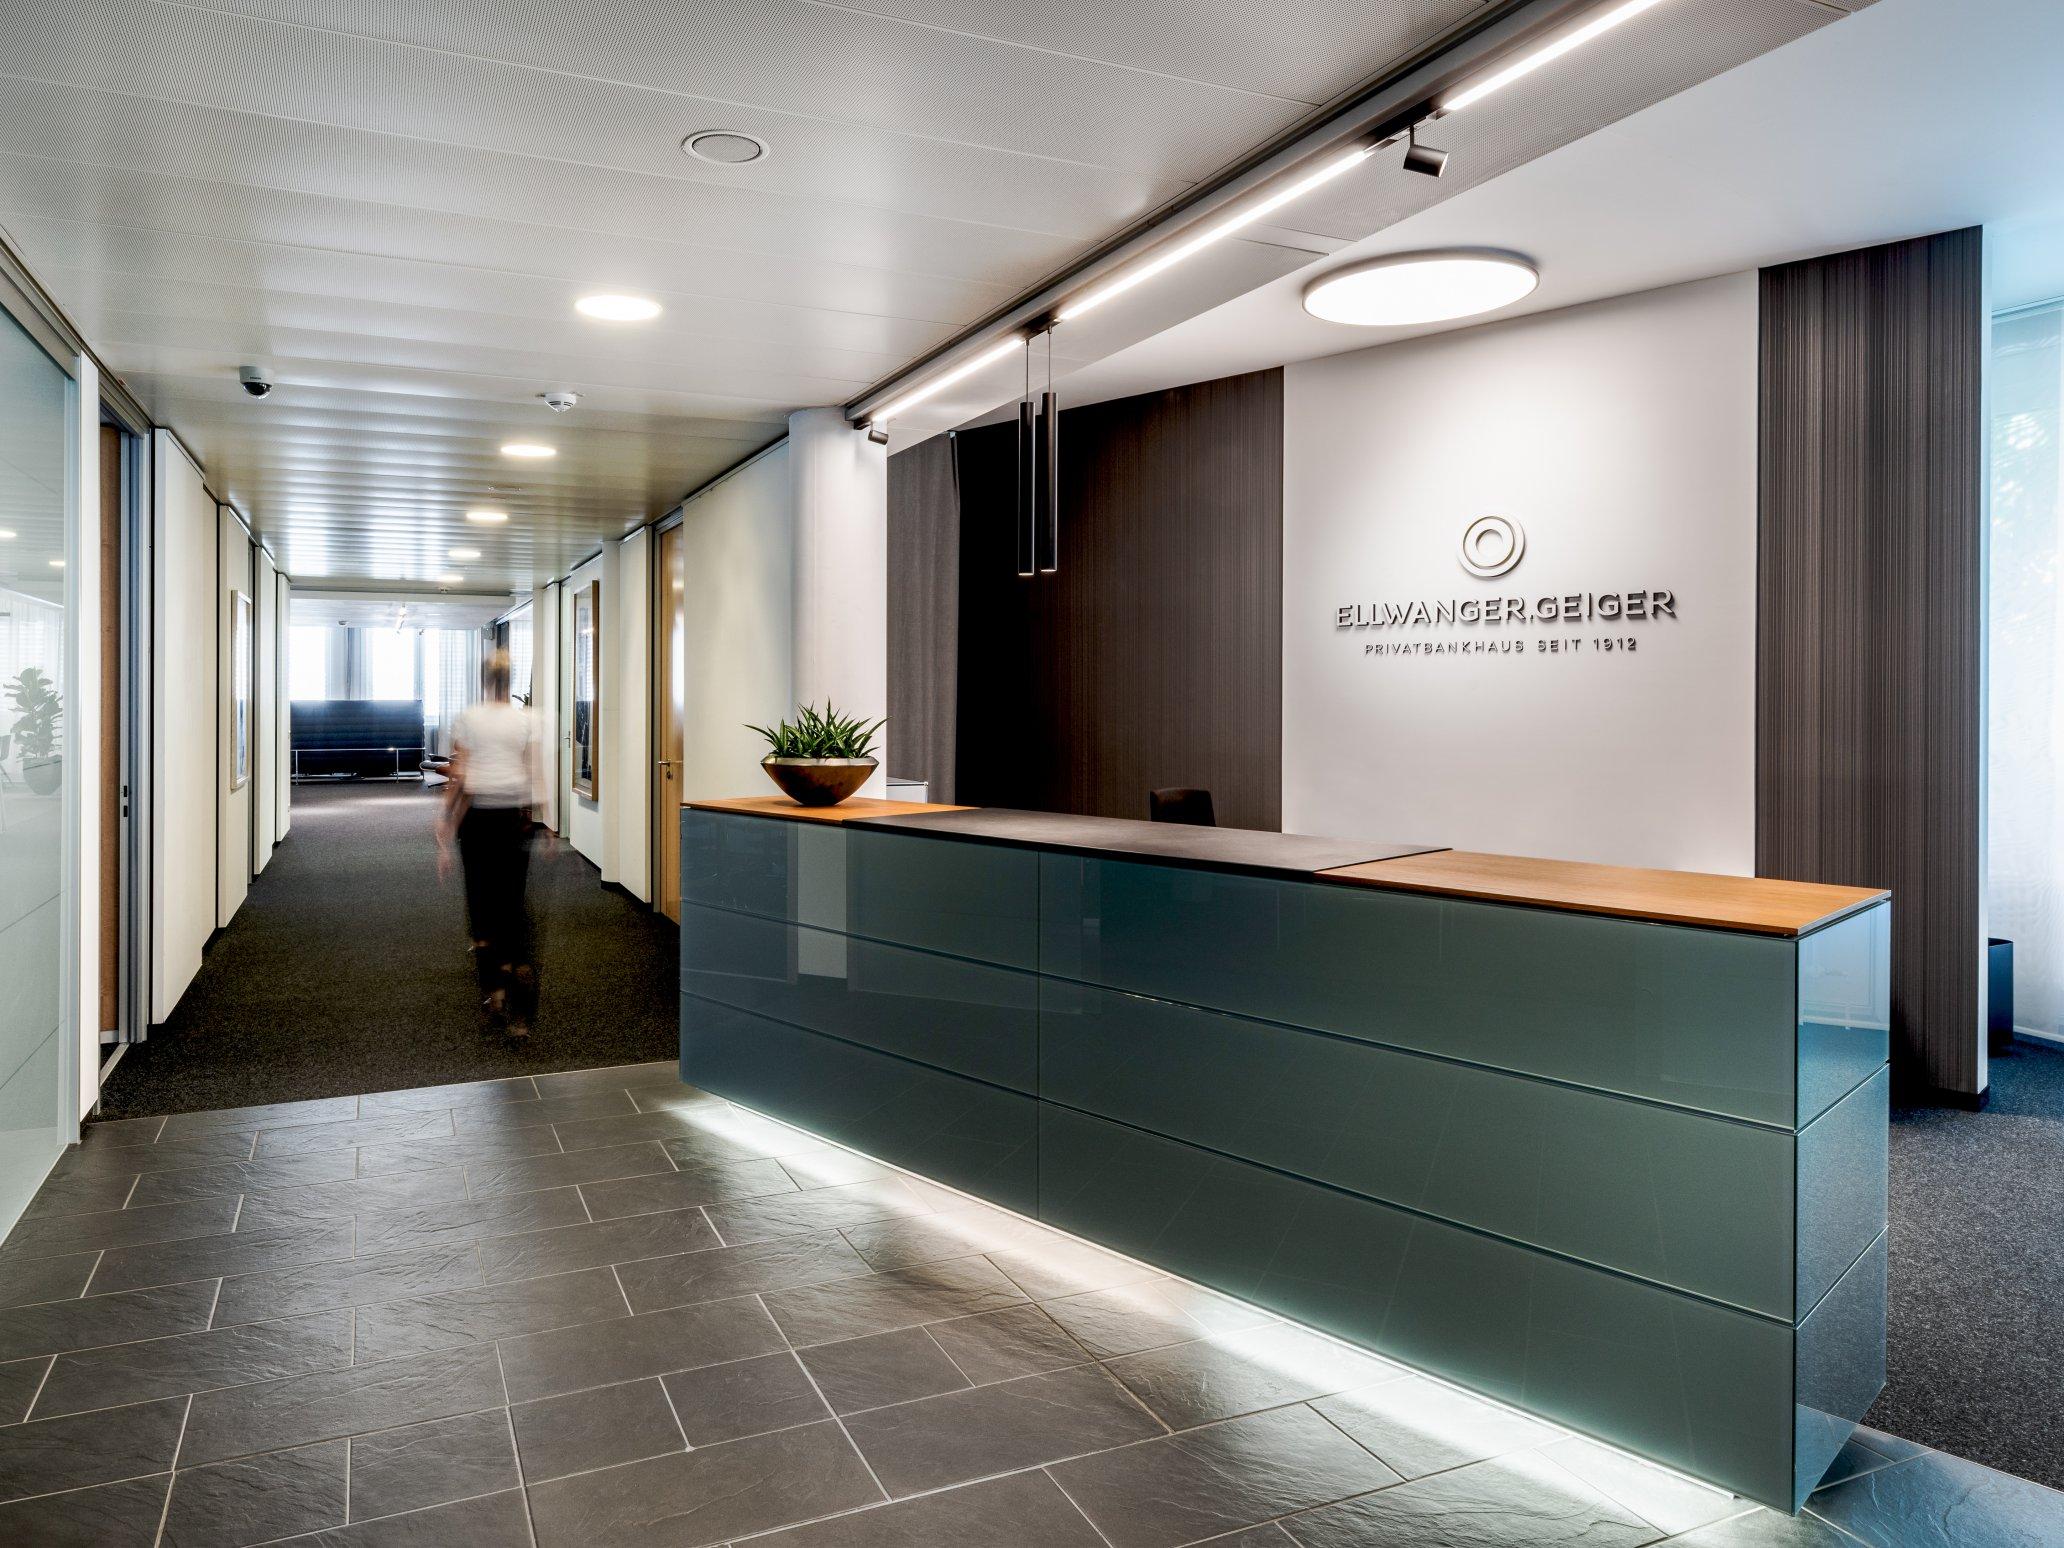 Ellwanger & Geiger Privatbankhaus